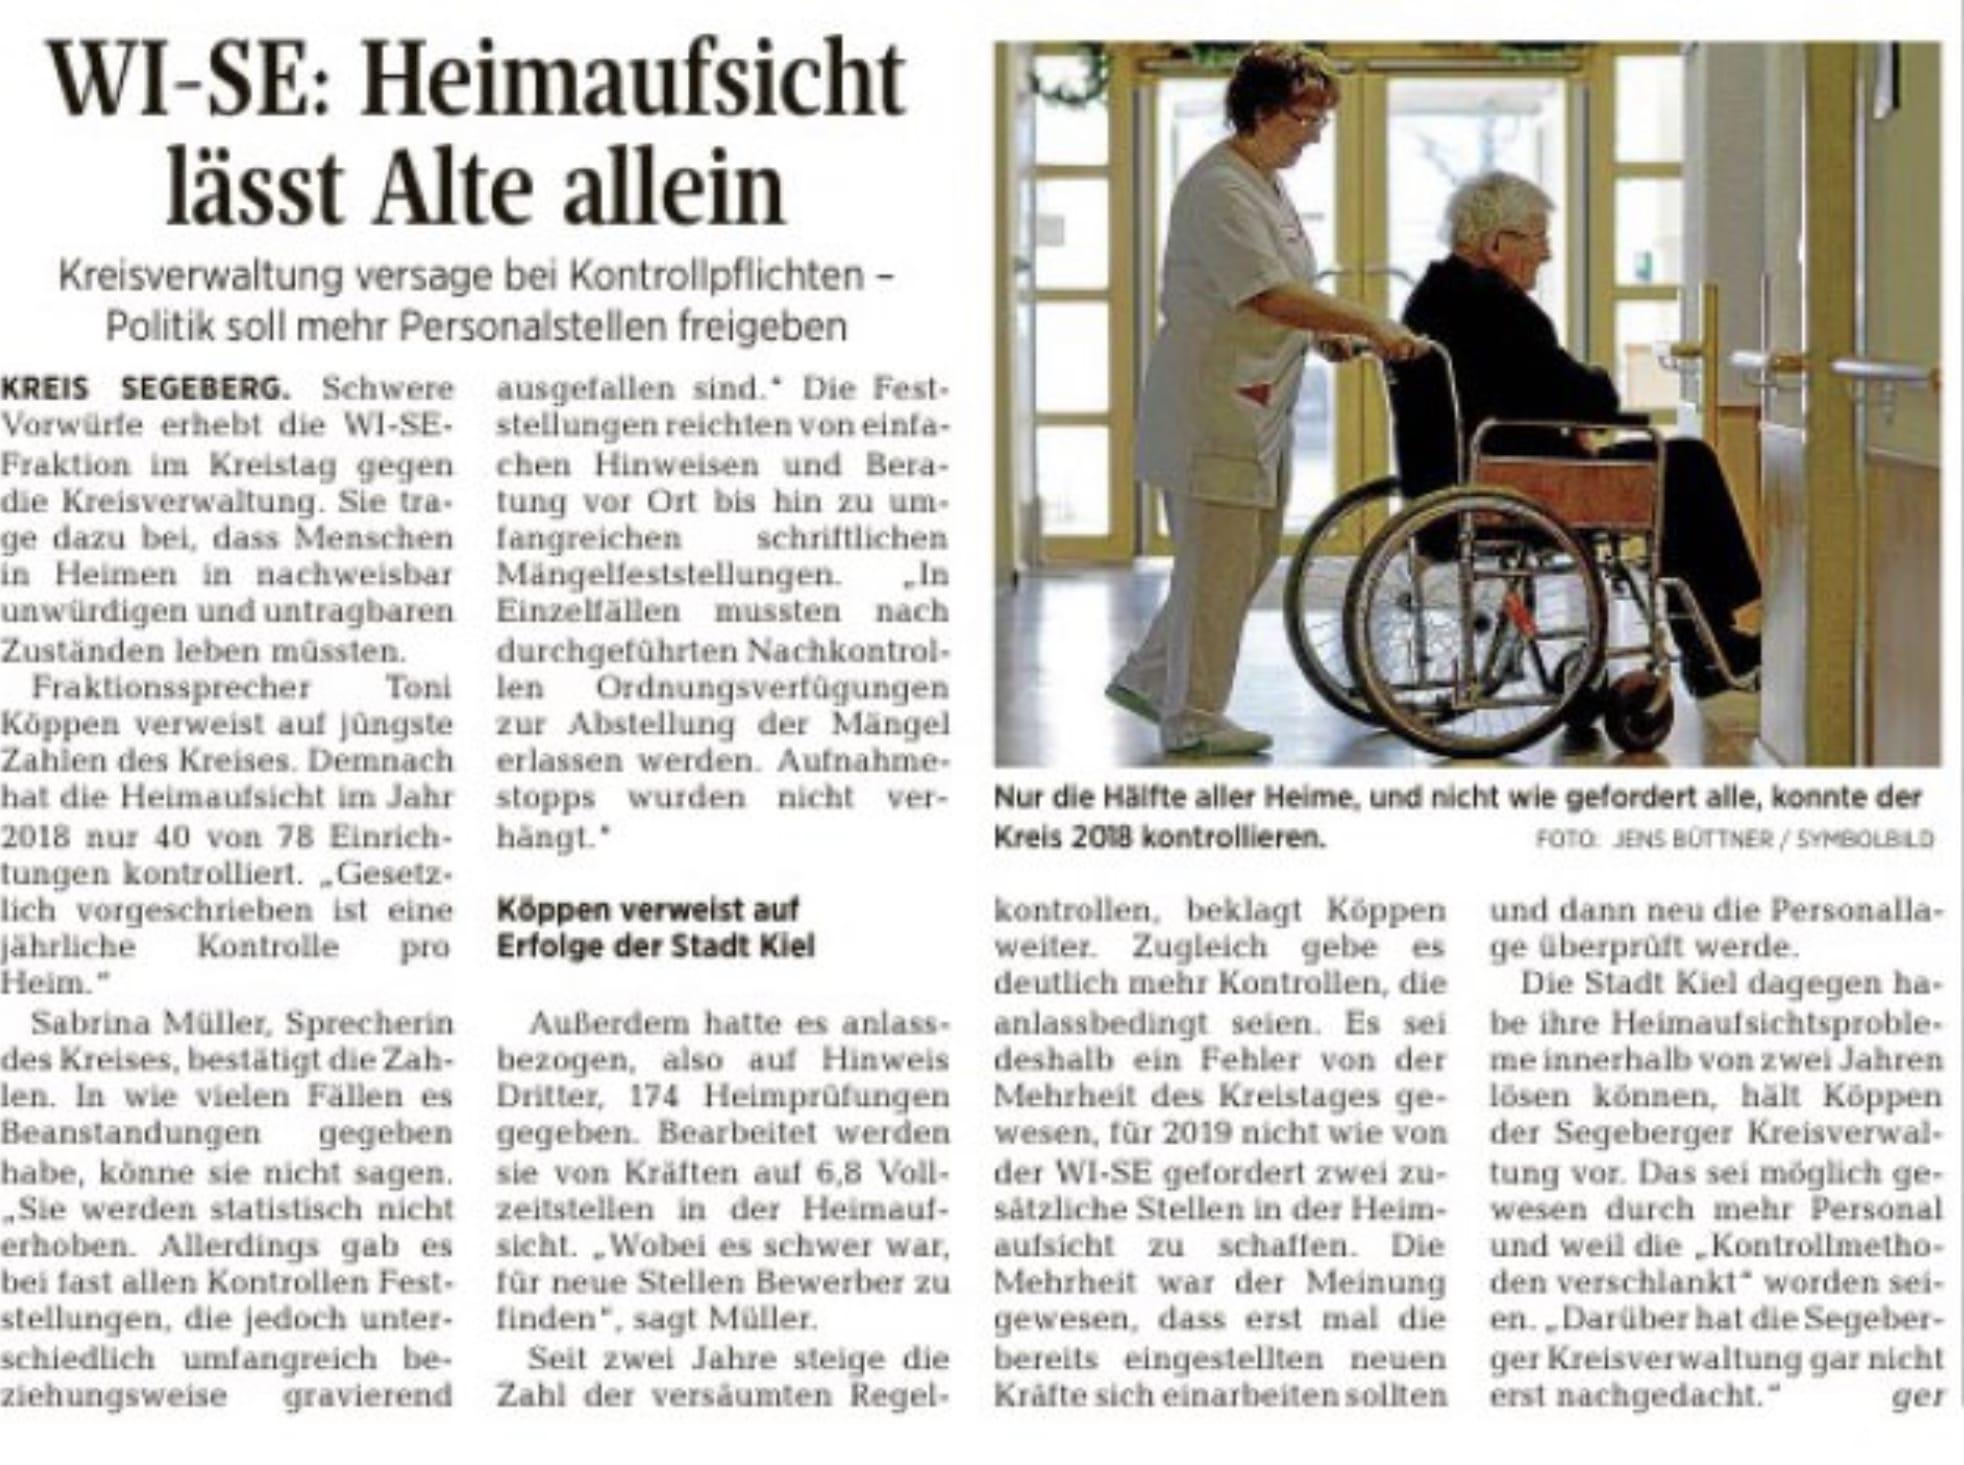 WI-SE: Heimaufsicht lässt Alte allein